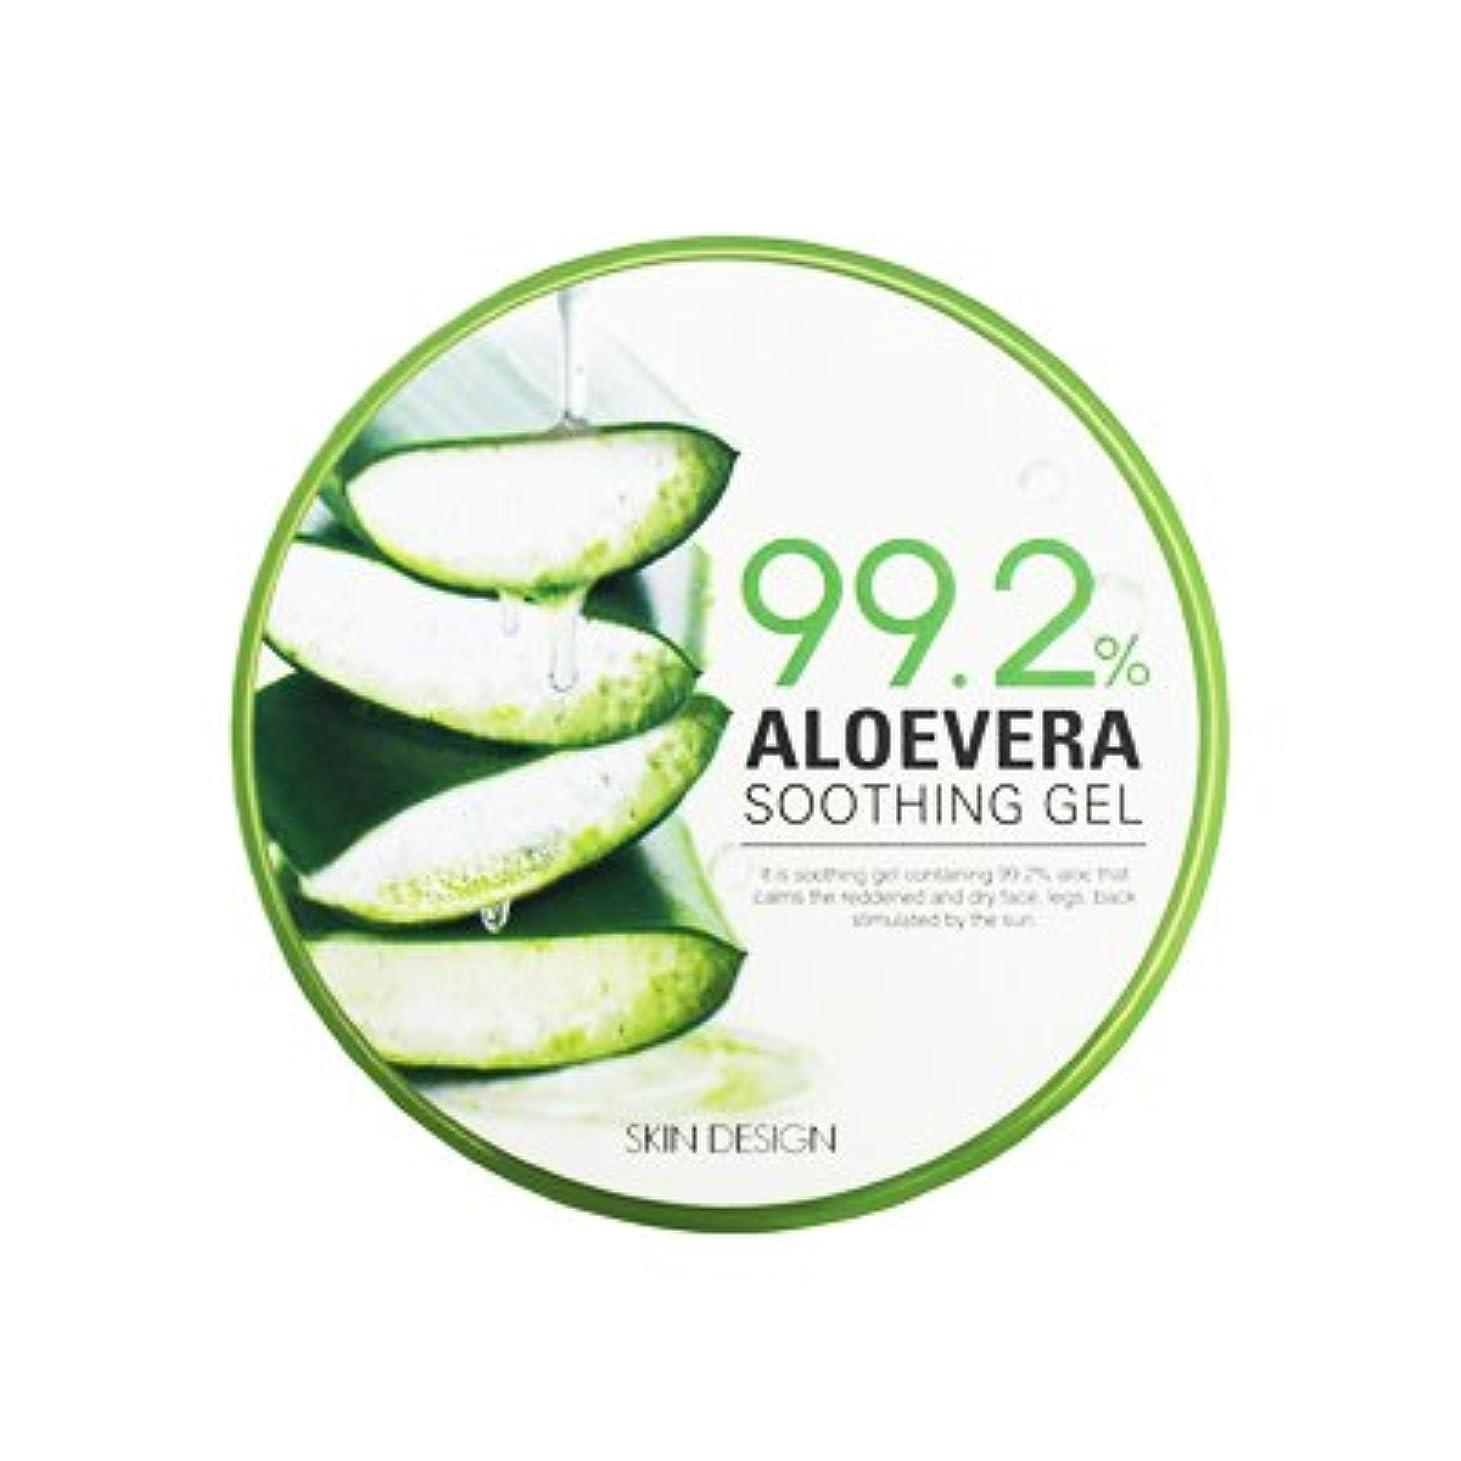 充電保育園百年【SKIN DESIGN】アロエベラ スージング ジェル99.2% 「300ml」 / ALOEVERA SOOTHING GEL99.2%